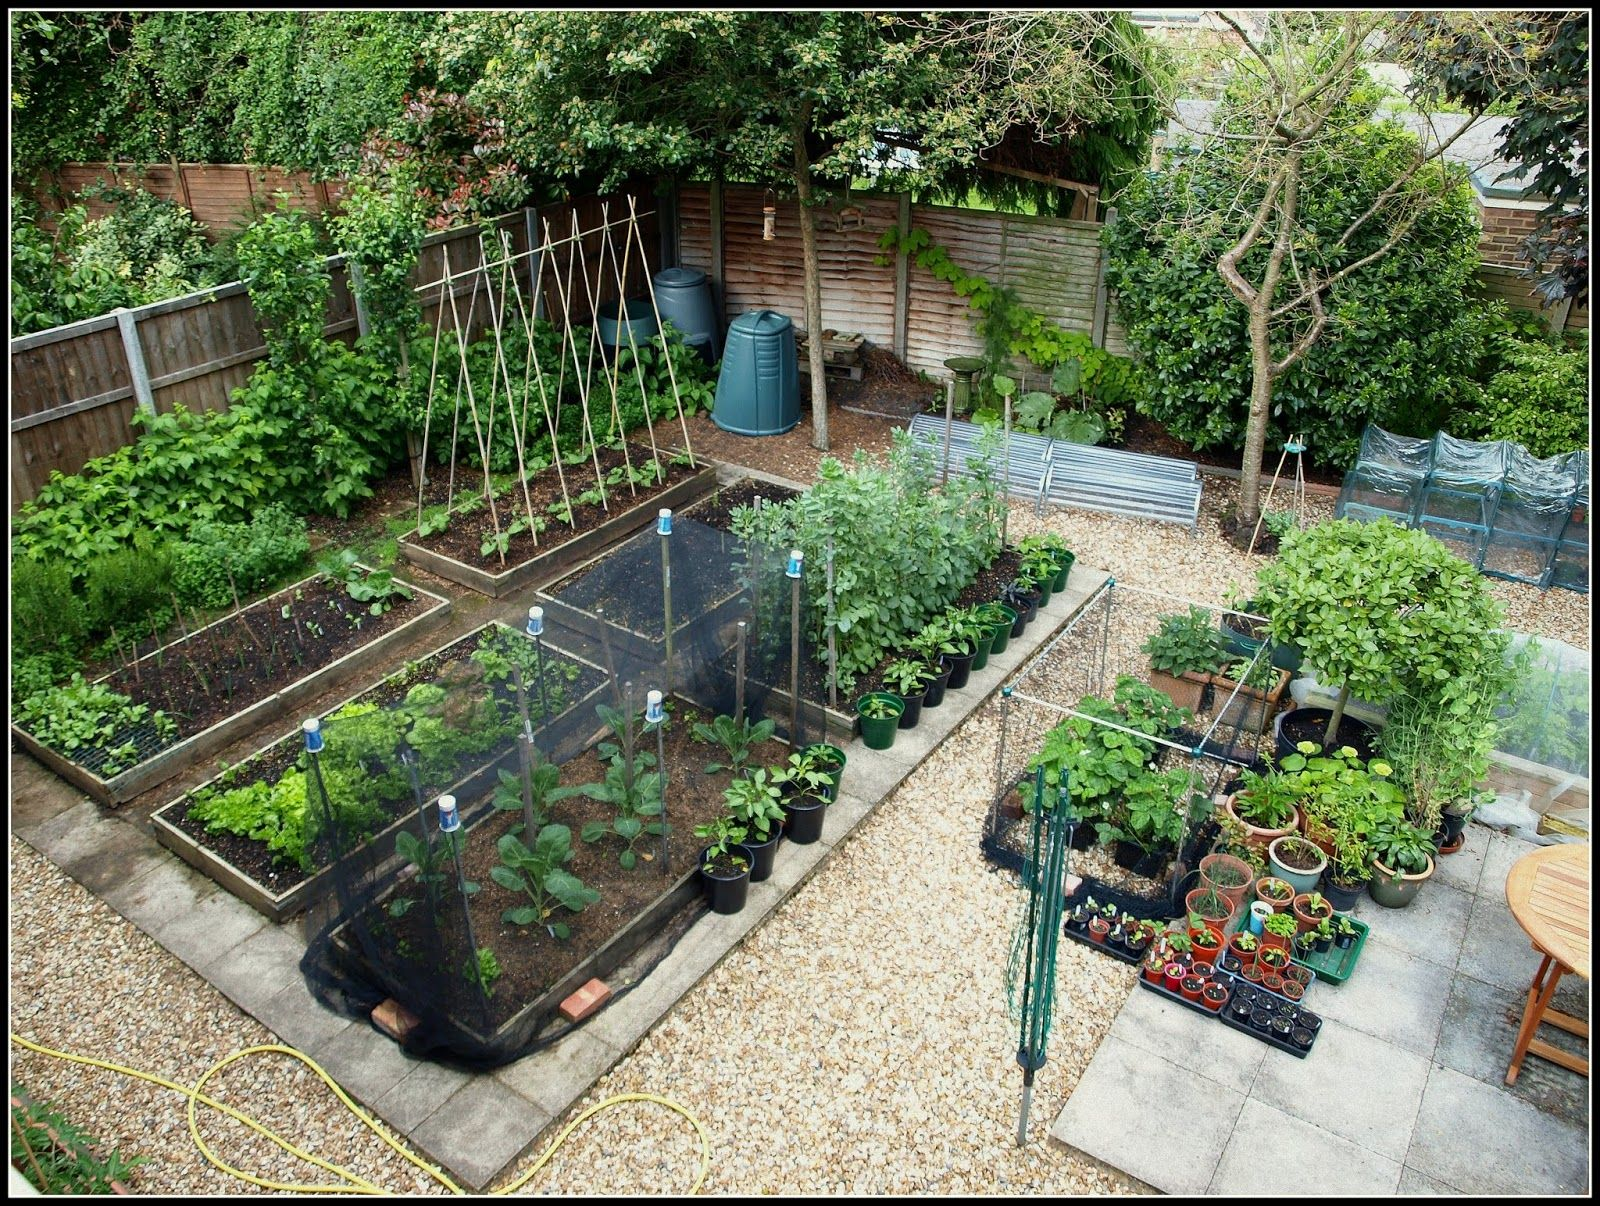 как спланировать огород на даче с фото образом сами съедобный